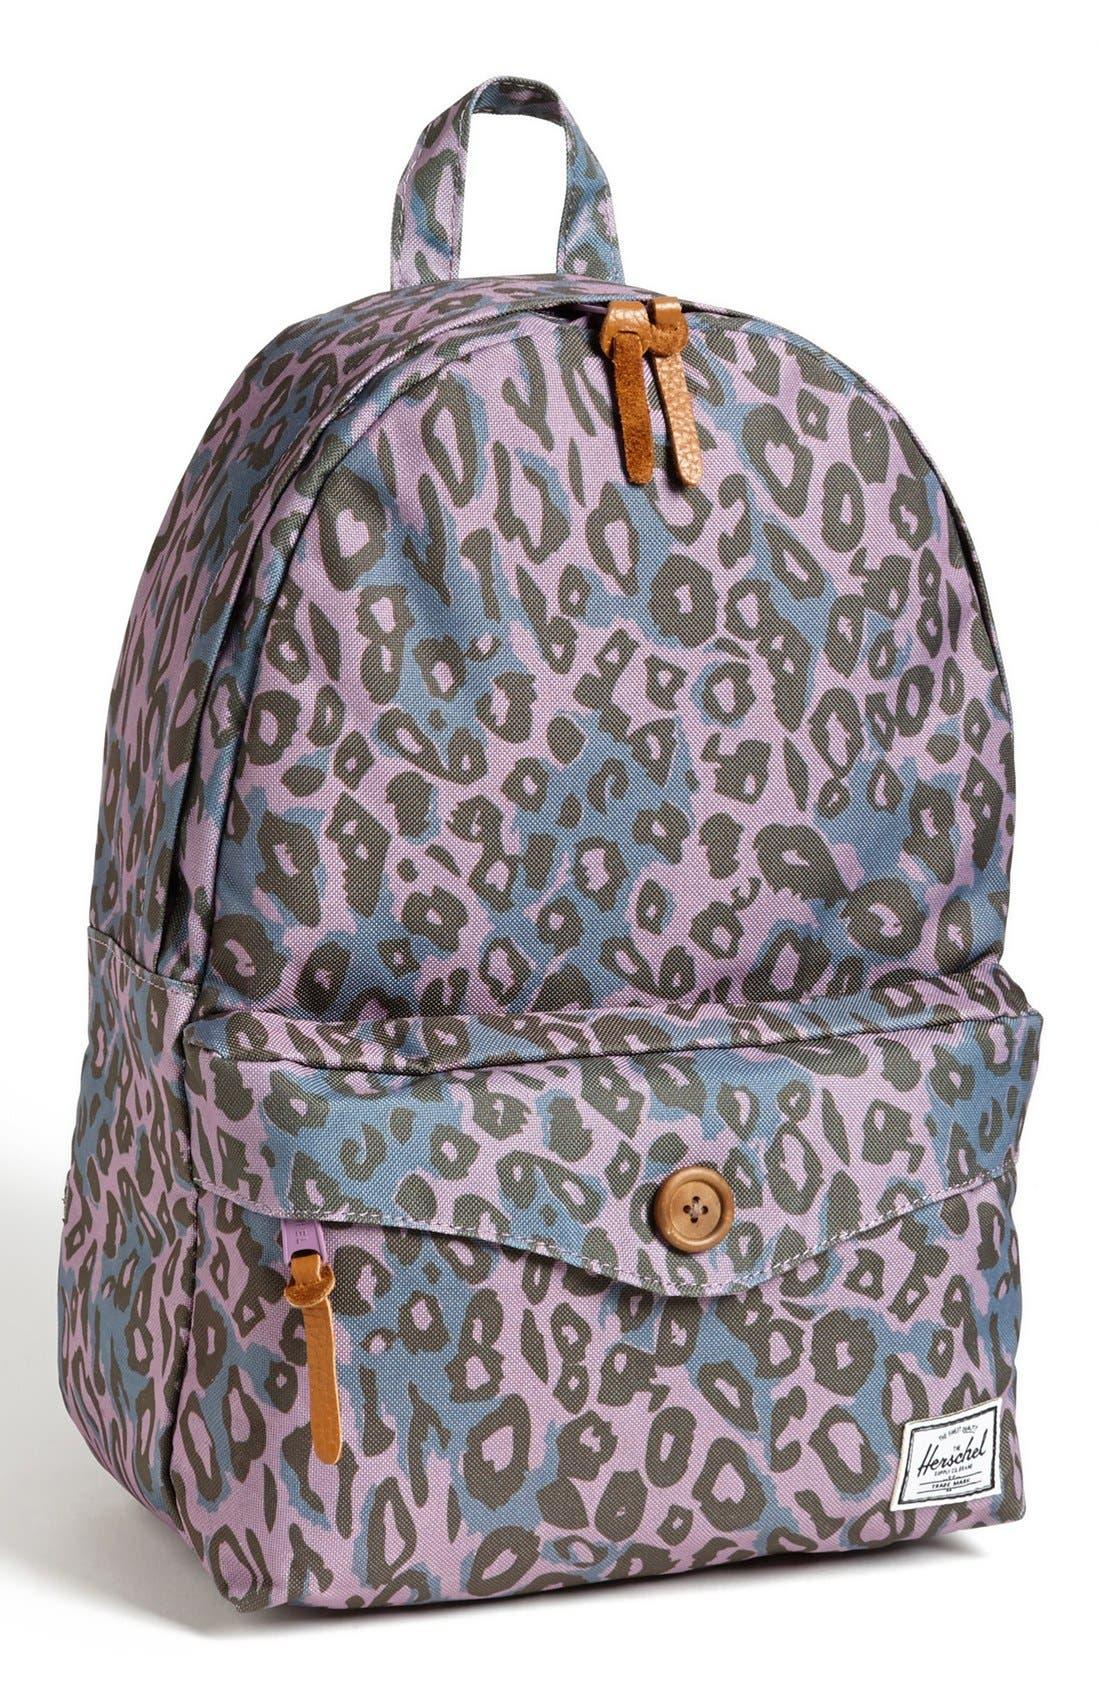 Alternate Image 1 Selected - Herschel Supply Co. 'Sydney' Backpack